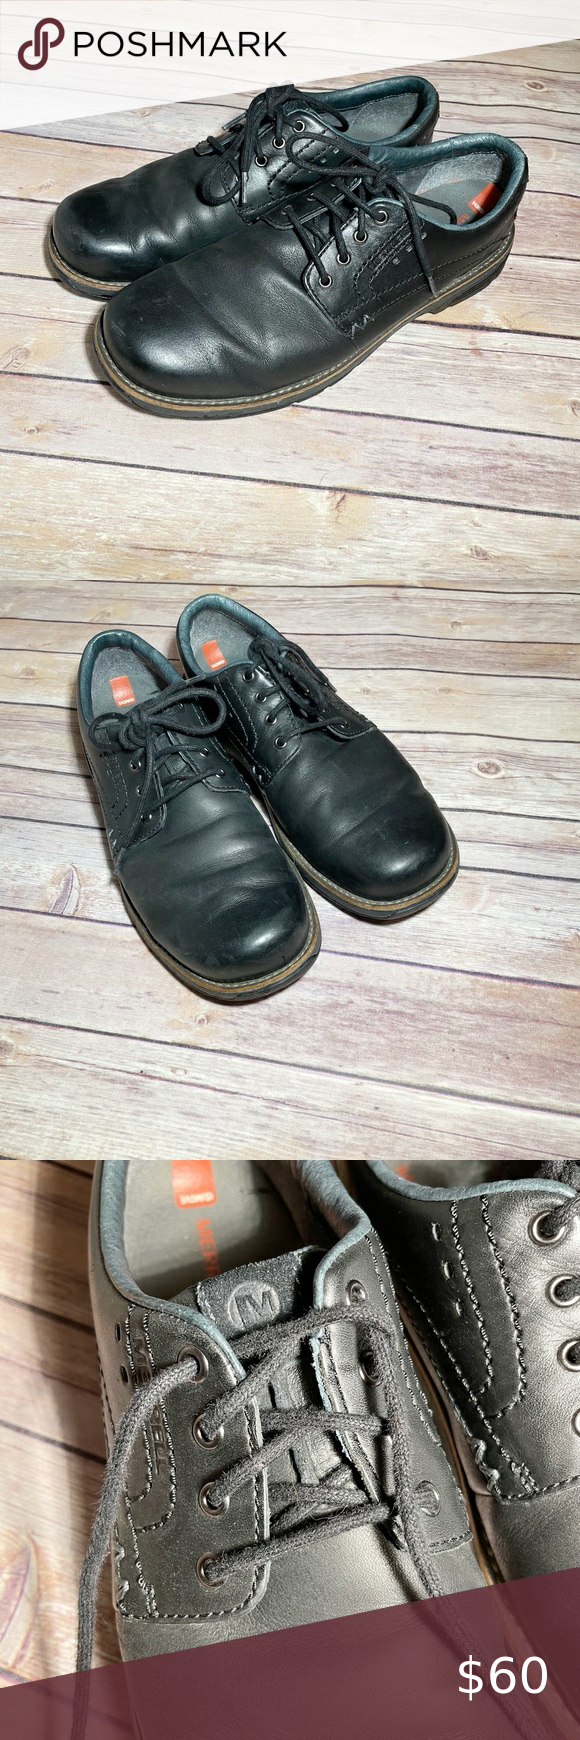 Men S Merrell Black Dress Shoes Leather Slip On Shoes Leather Shoe Laces Black Leather Shoes [ 1740 x 580 Pixel ]